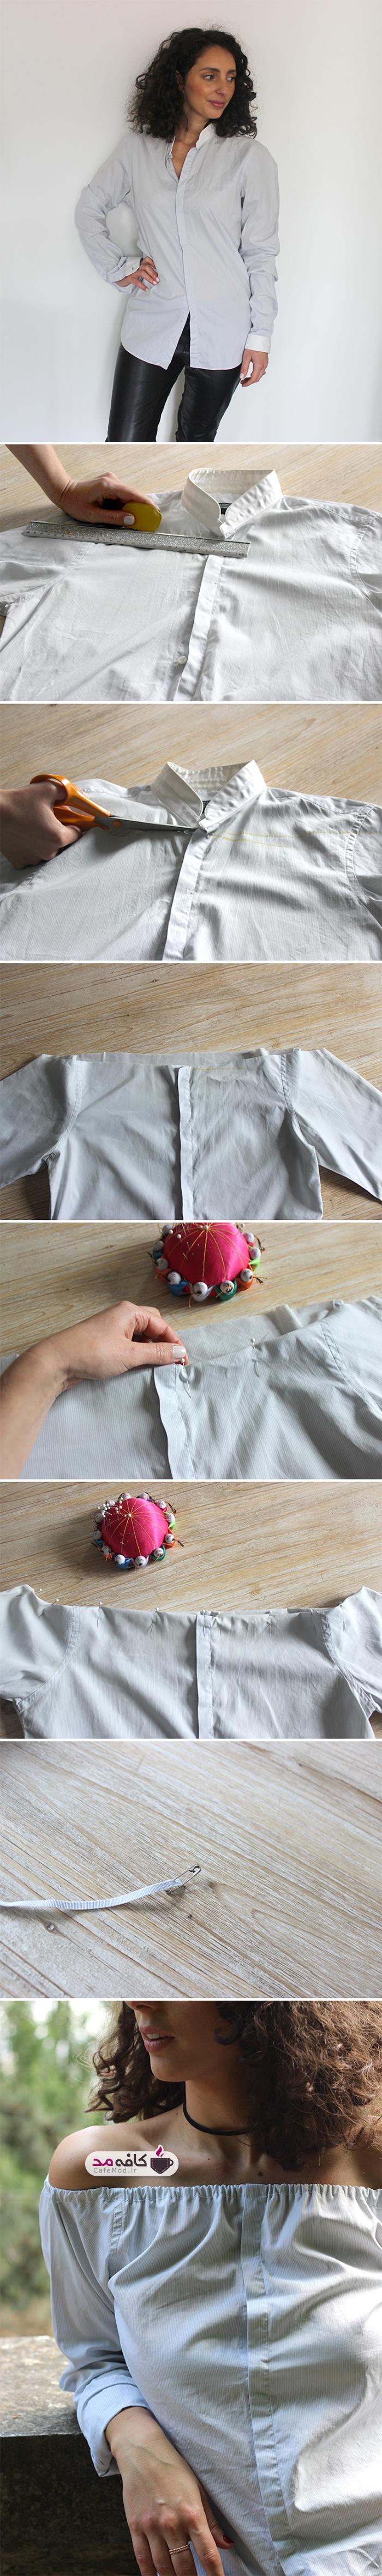 آموزش تغییر ظاهر پیراهن ساده